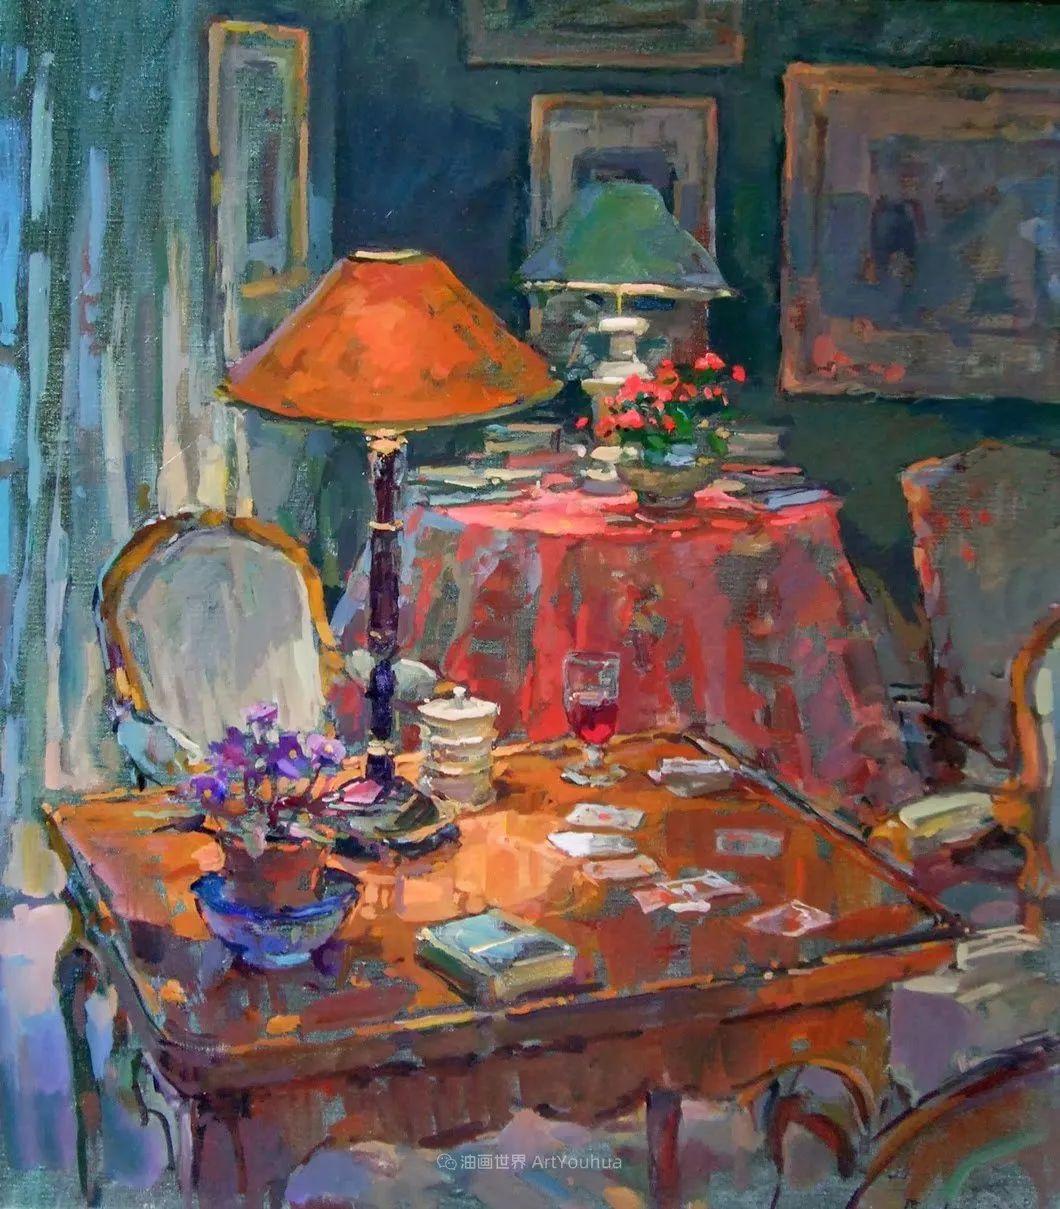 光彩的室内、明媚的露台,冷暖色调都很赞!插图19